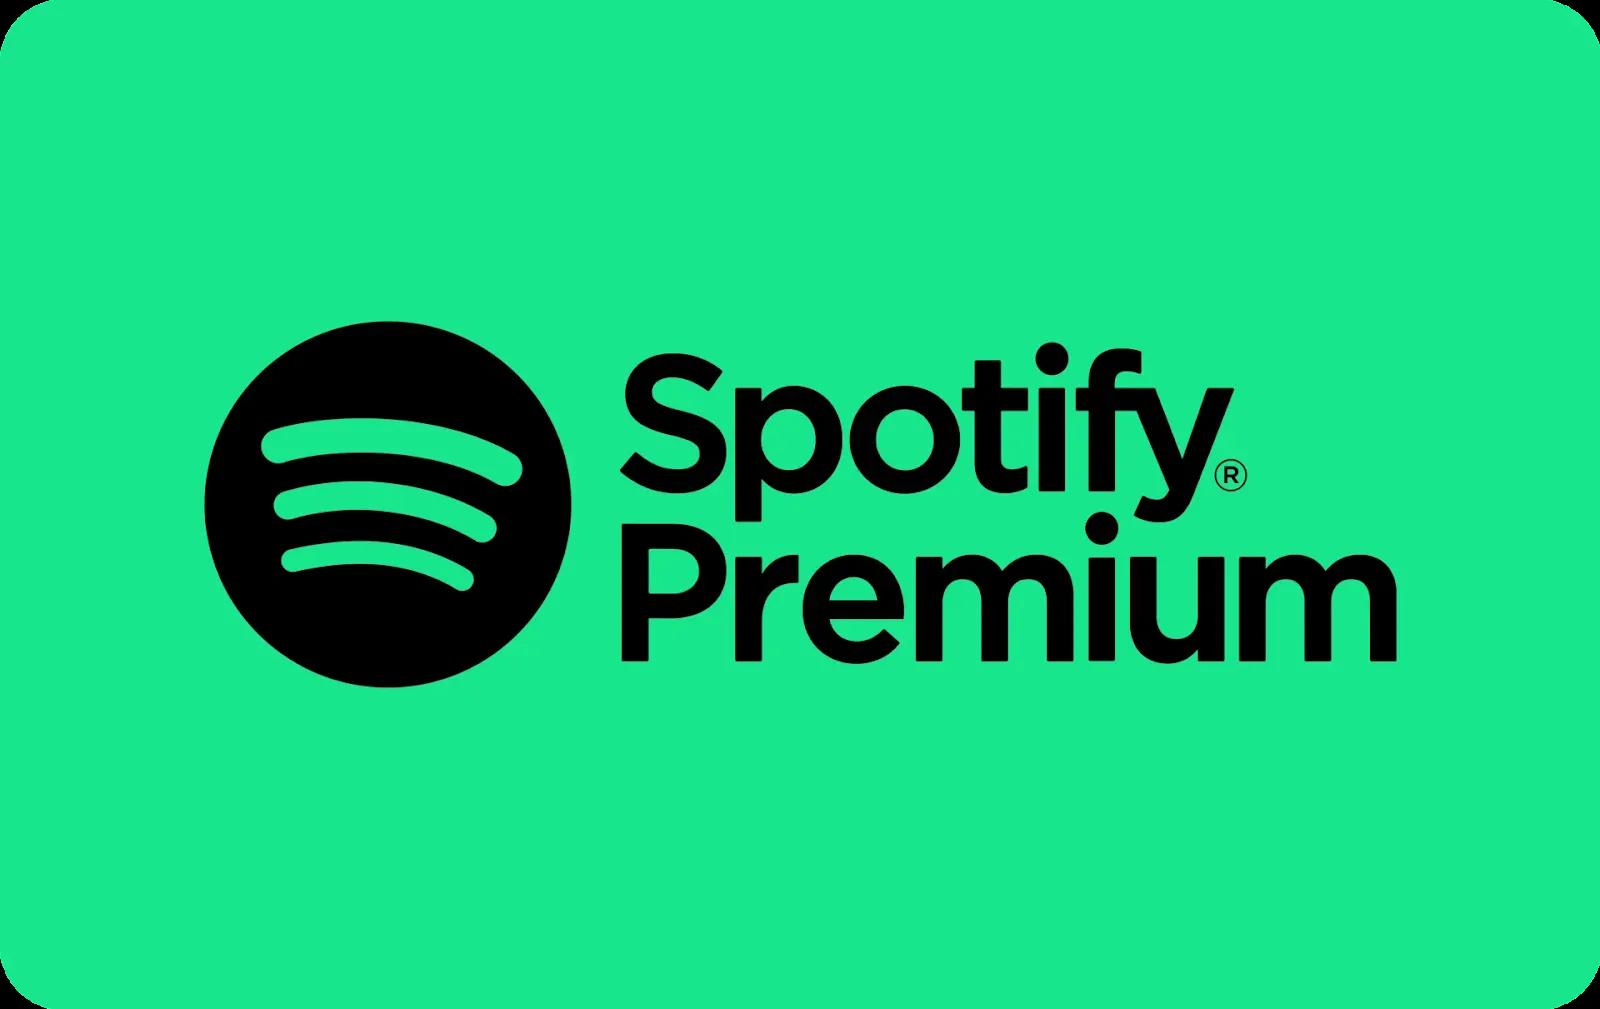 Spotify Premium . يقدم تطبيق الموسيقى الرائع عددًا لا يحصى من الأغاني من الفنانين المفضلين لديك في جميع أنحاء العالم